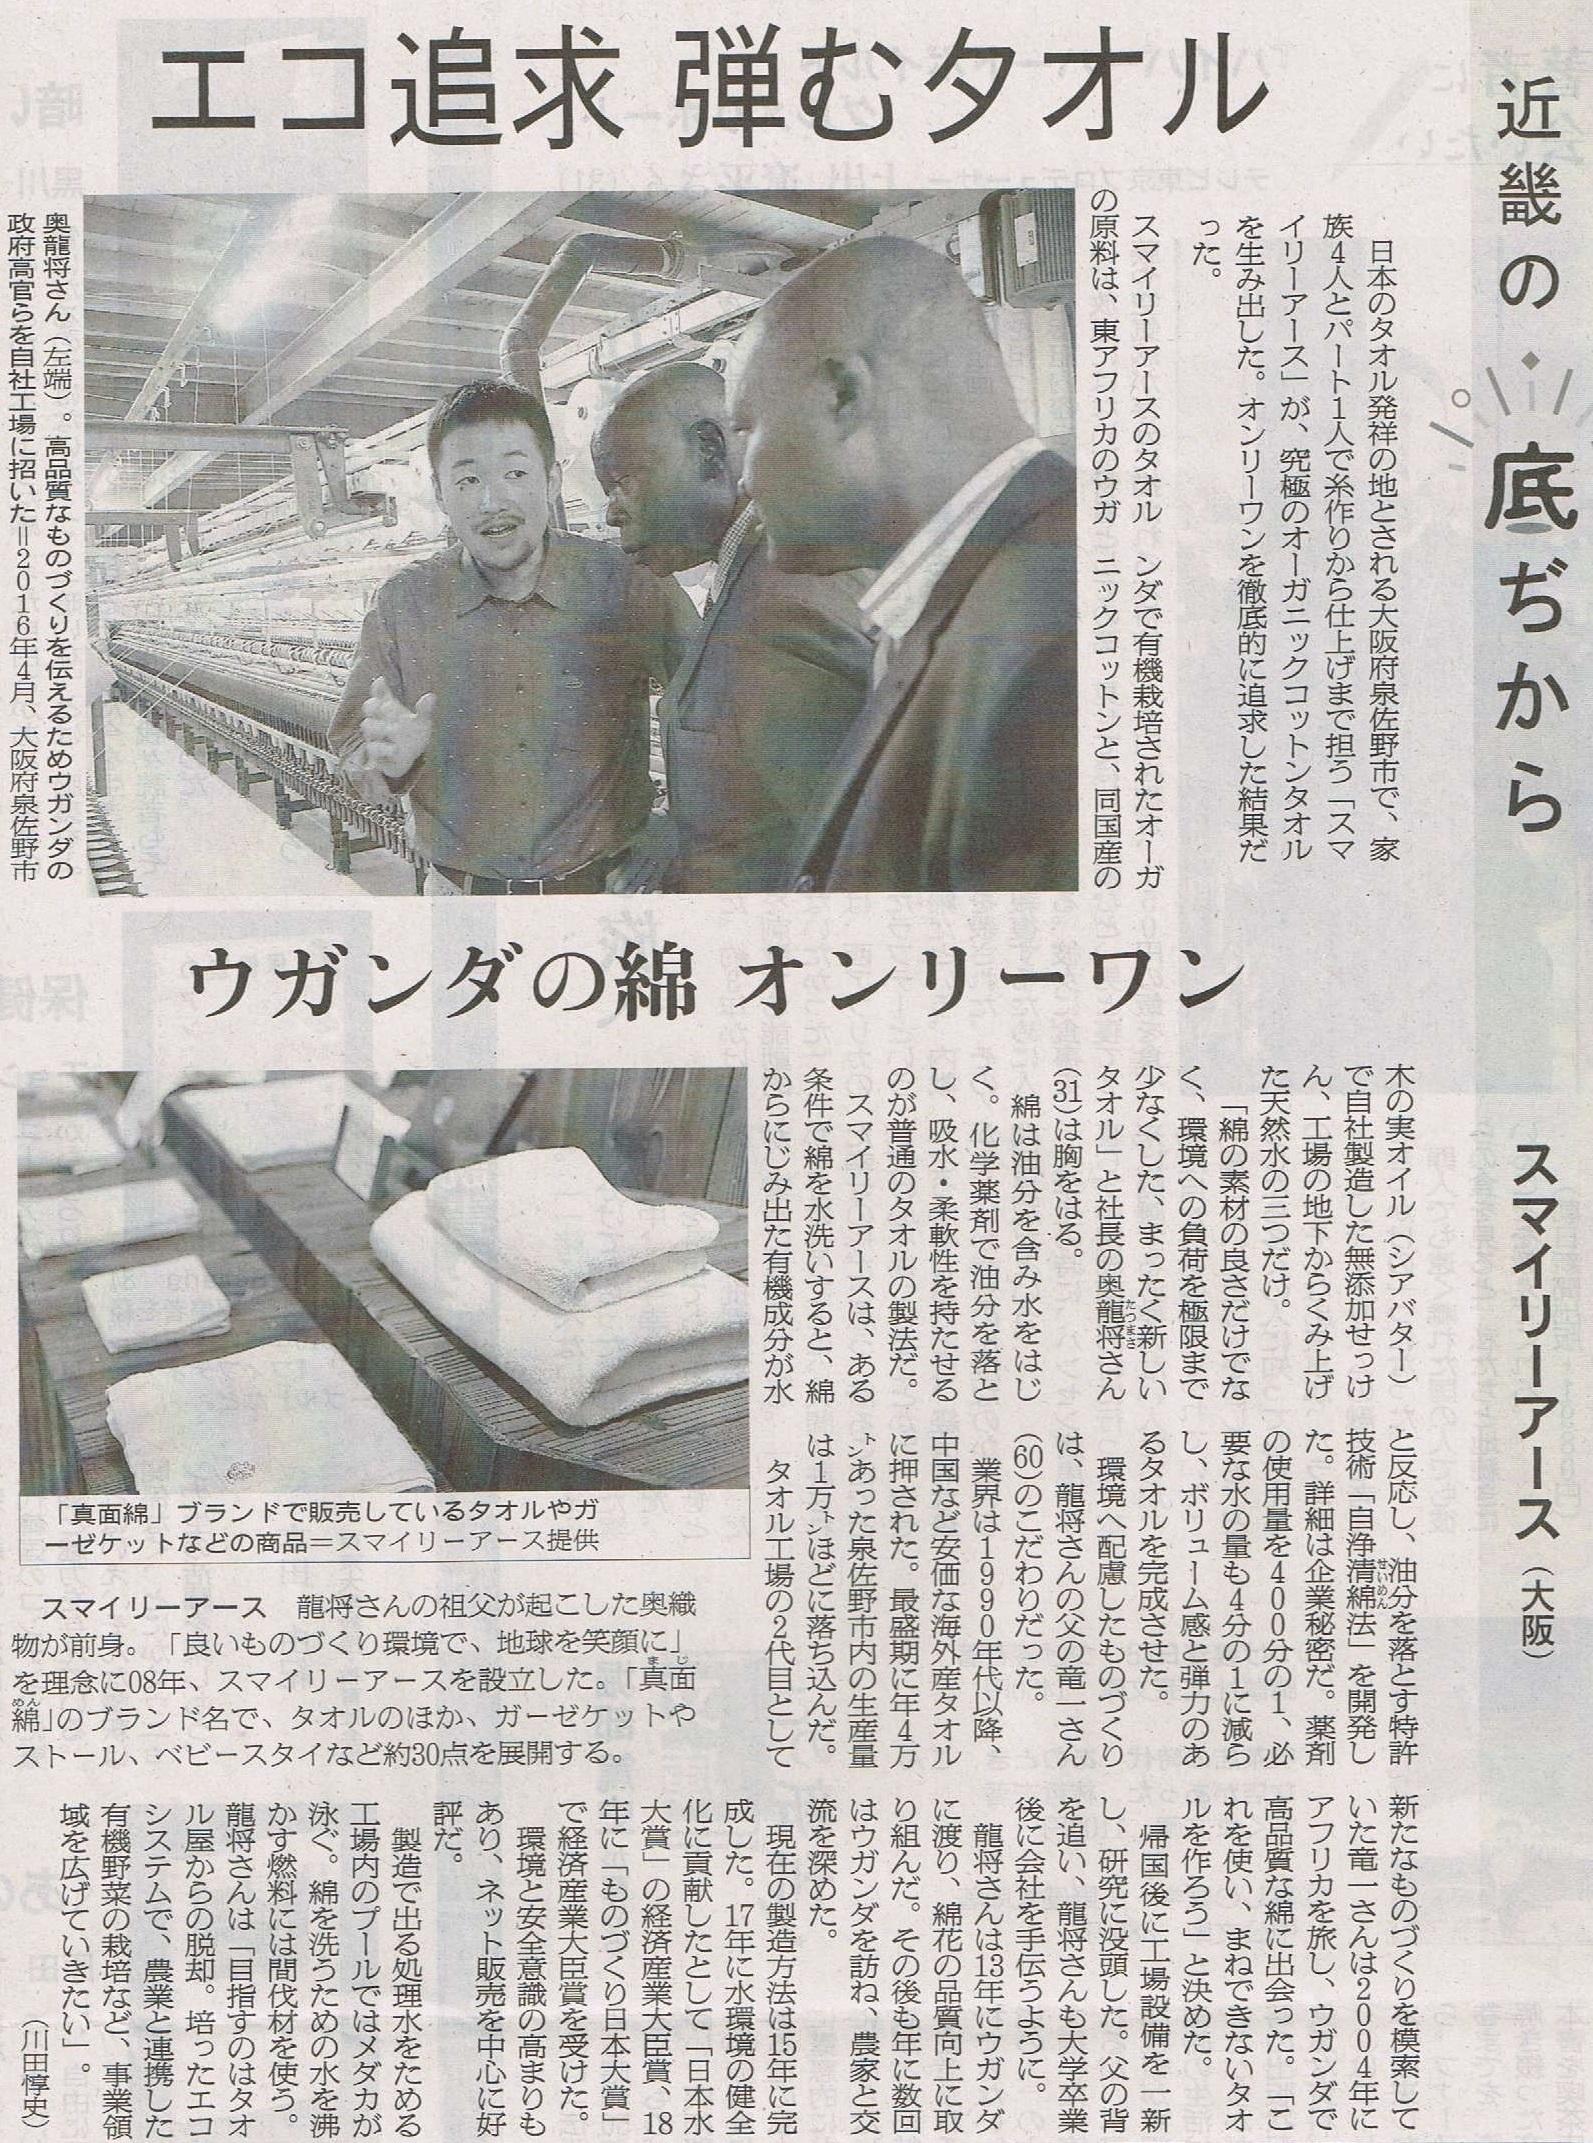 朝日新聞朝刊「大阪版」2020年5月9日掲載